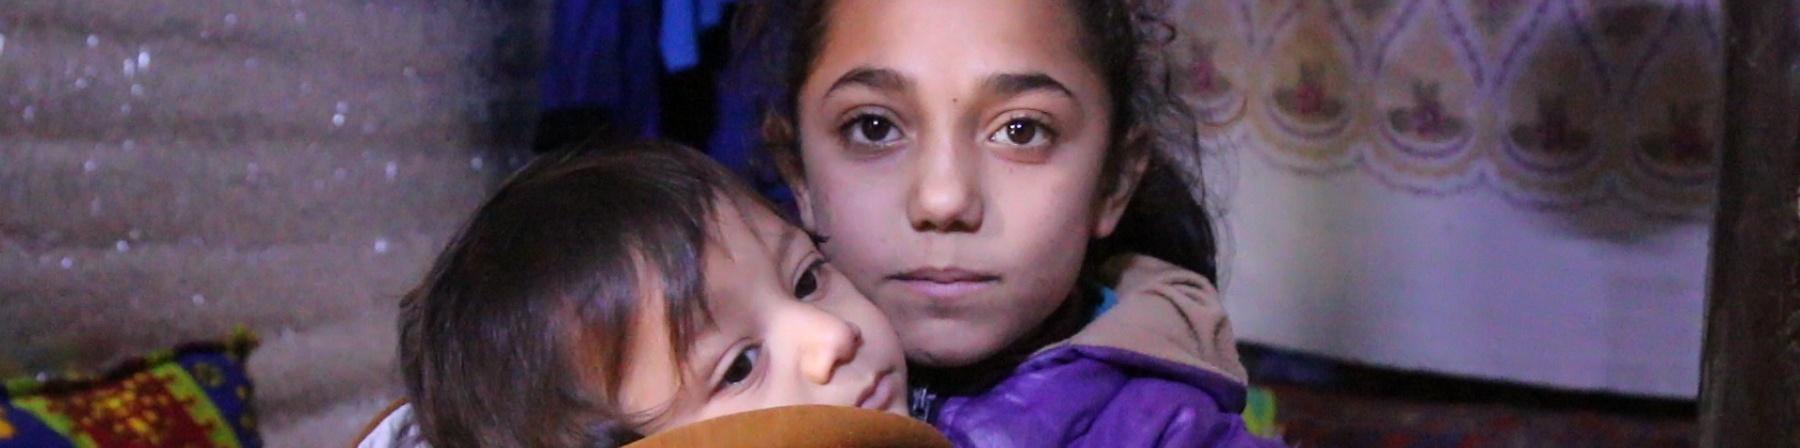 bambina con cappotto viola tiene in braccio un bambino